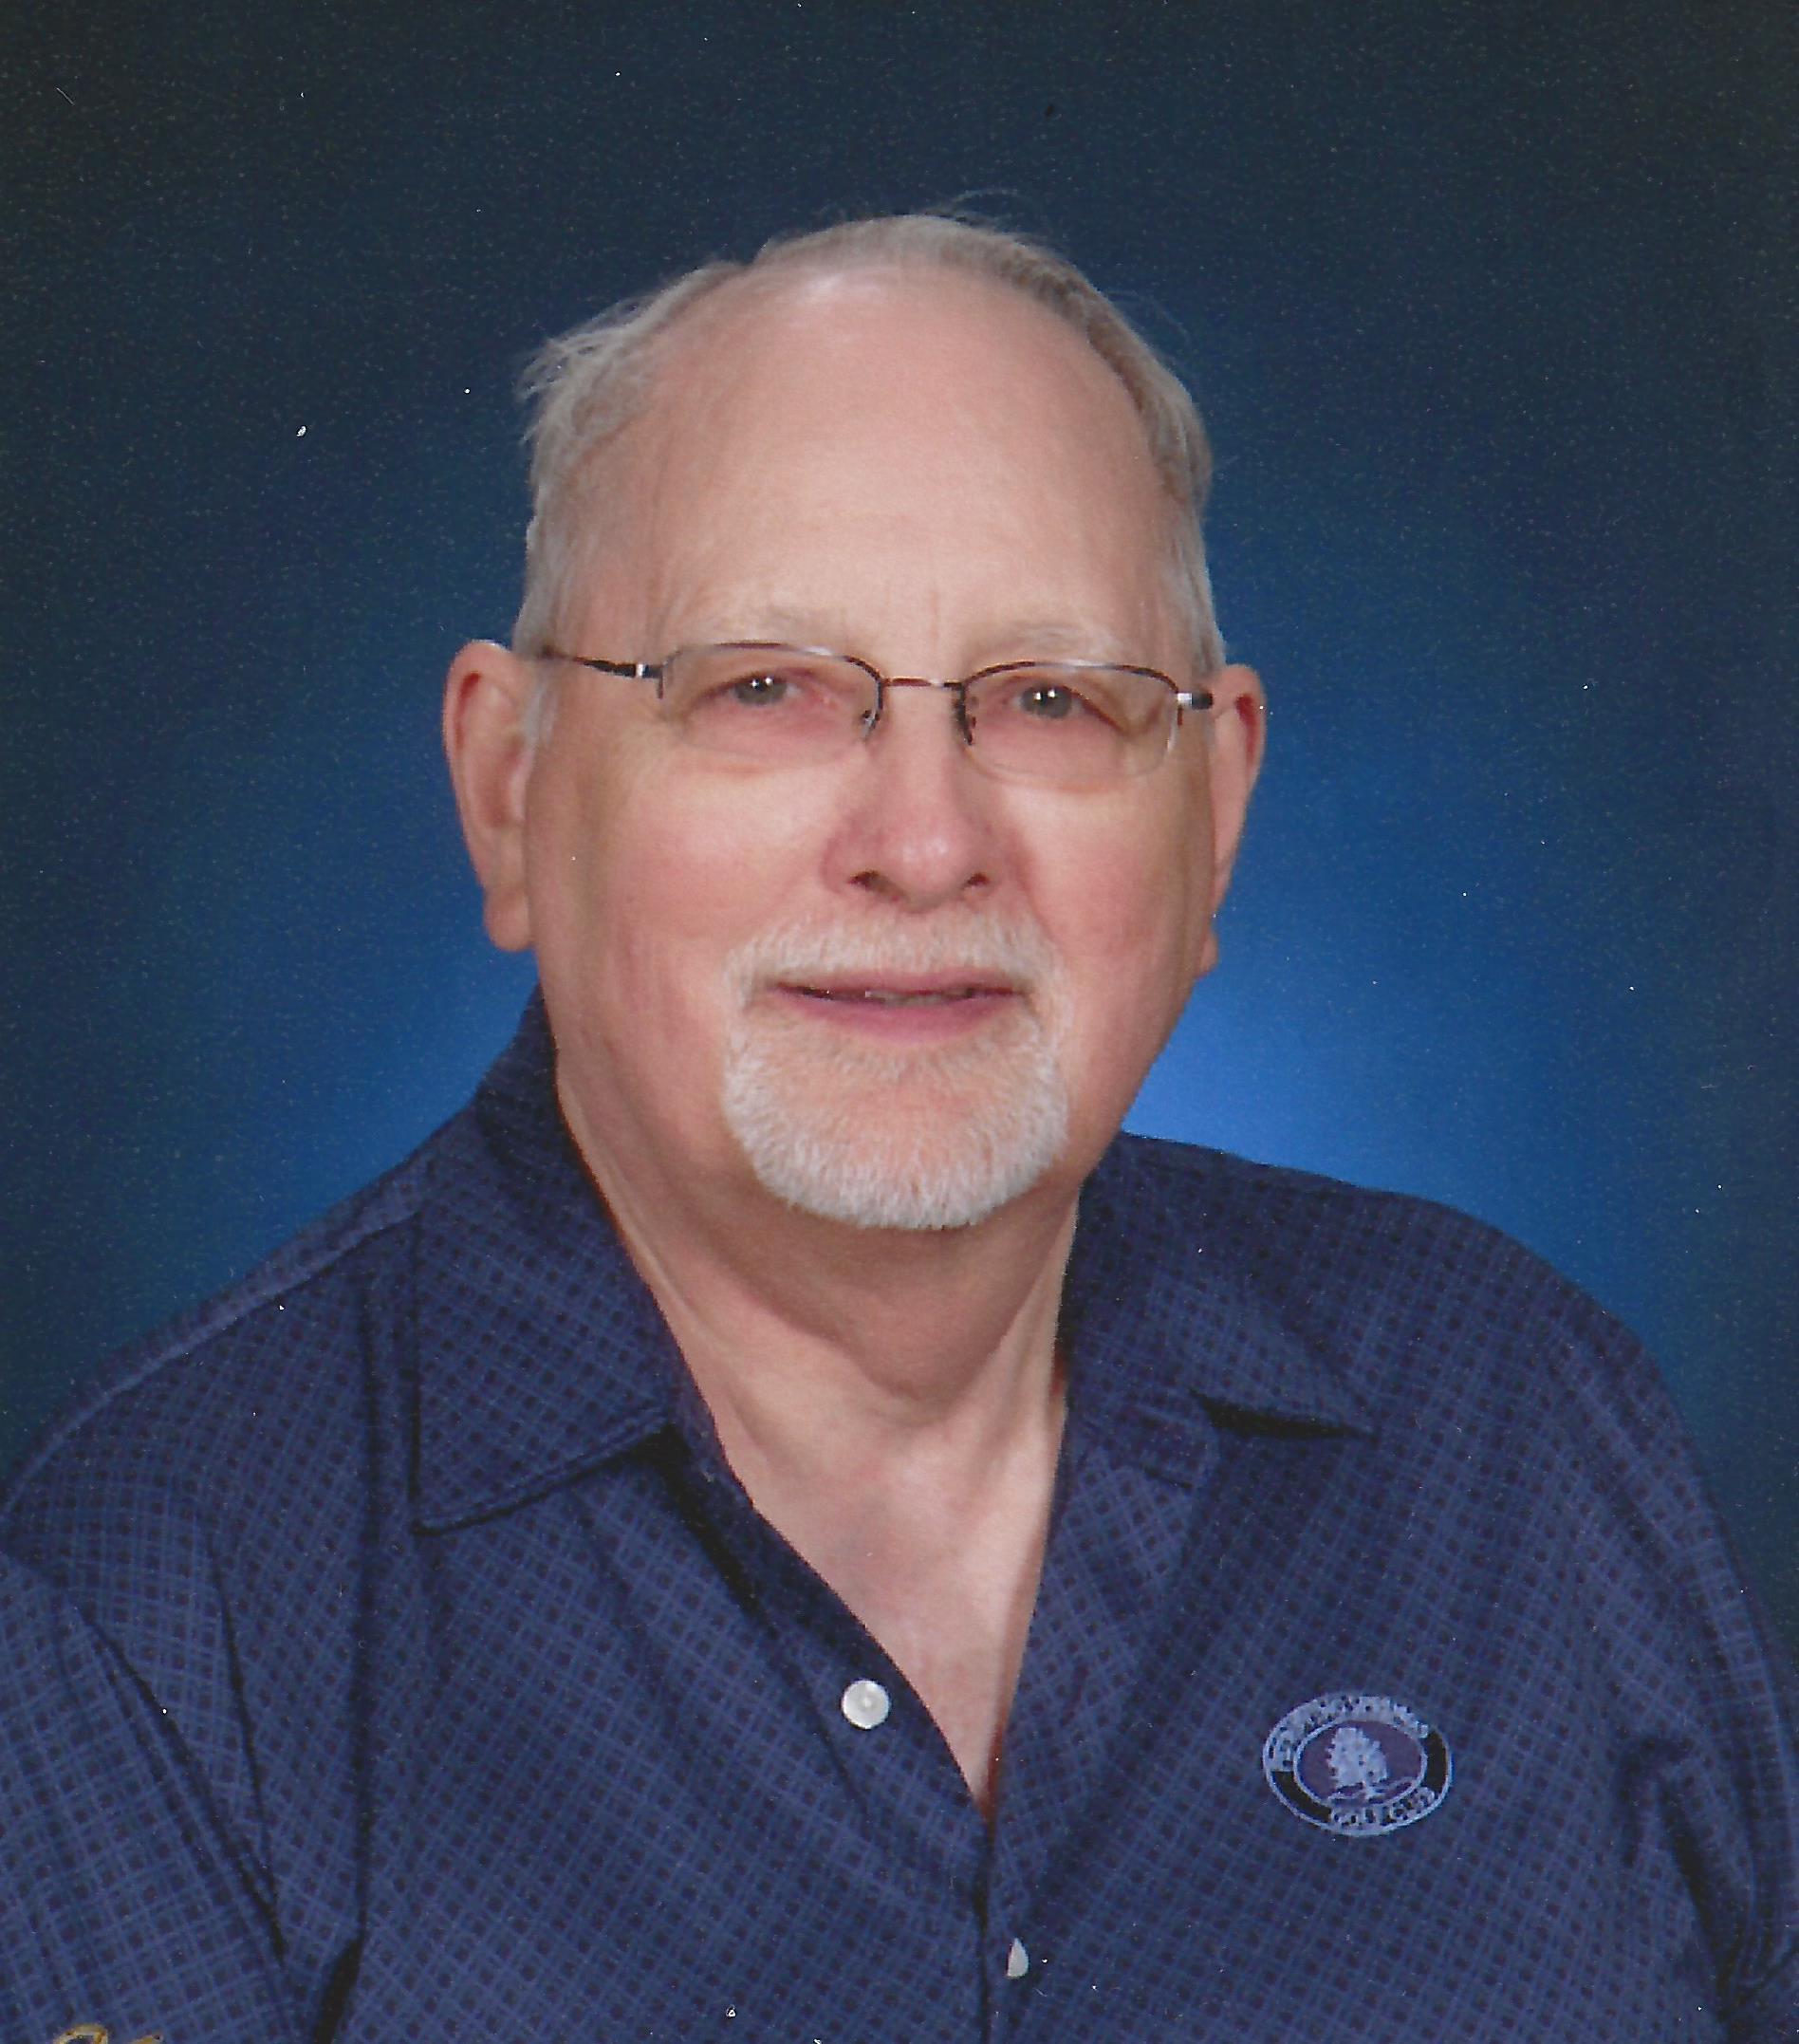 James Scheibl